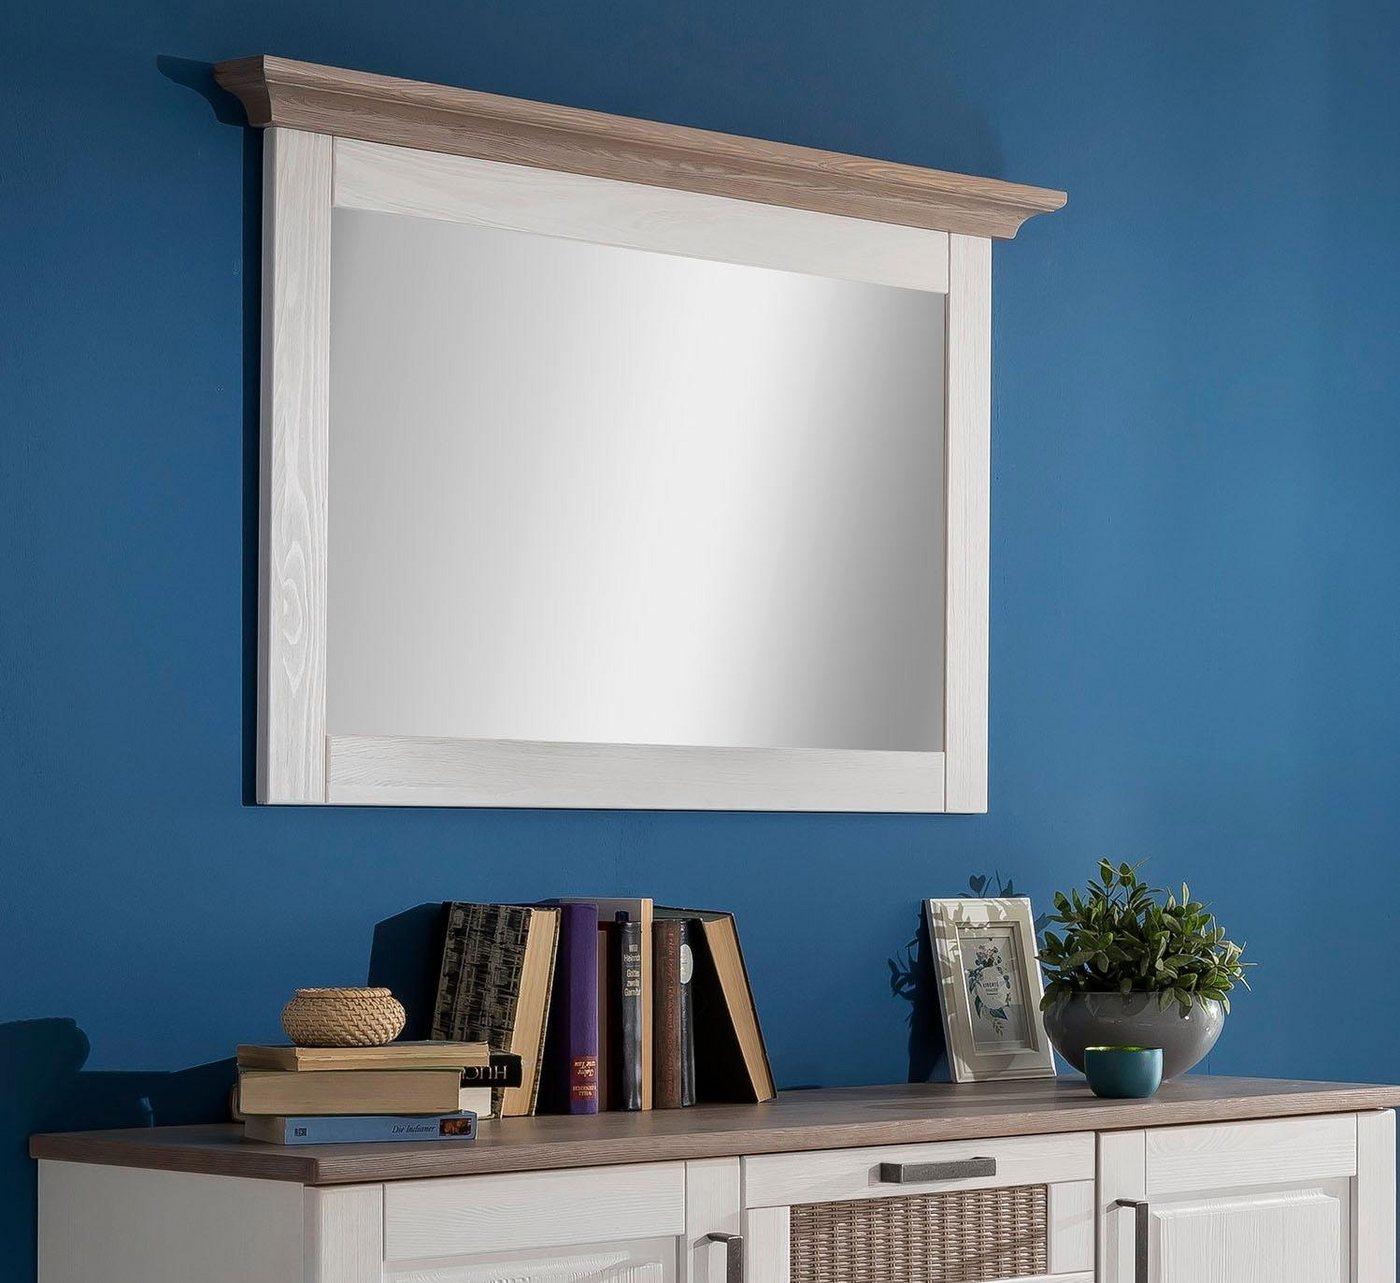 Premium collection by Home affaire Spiegel Lugano  mit Rahmen weiß | 05901348052476